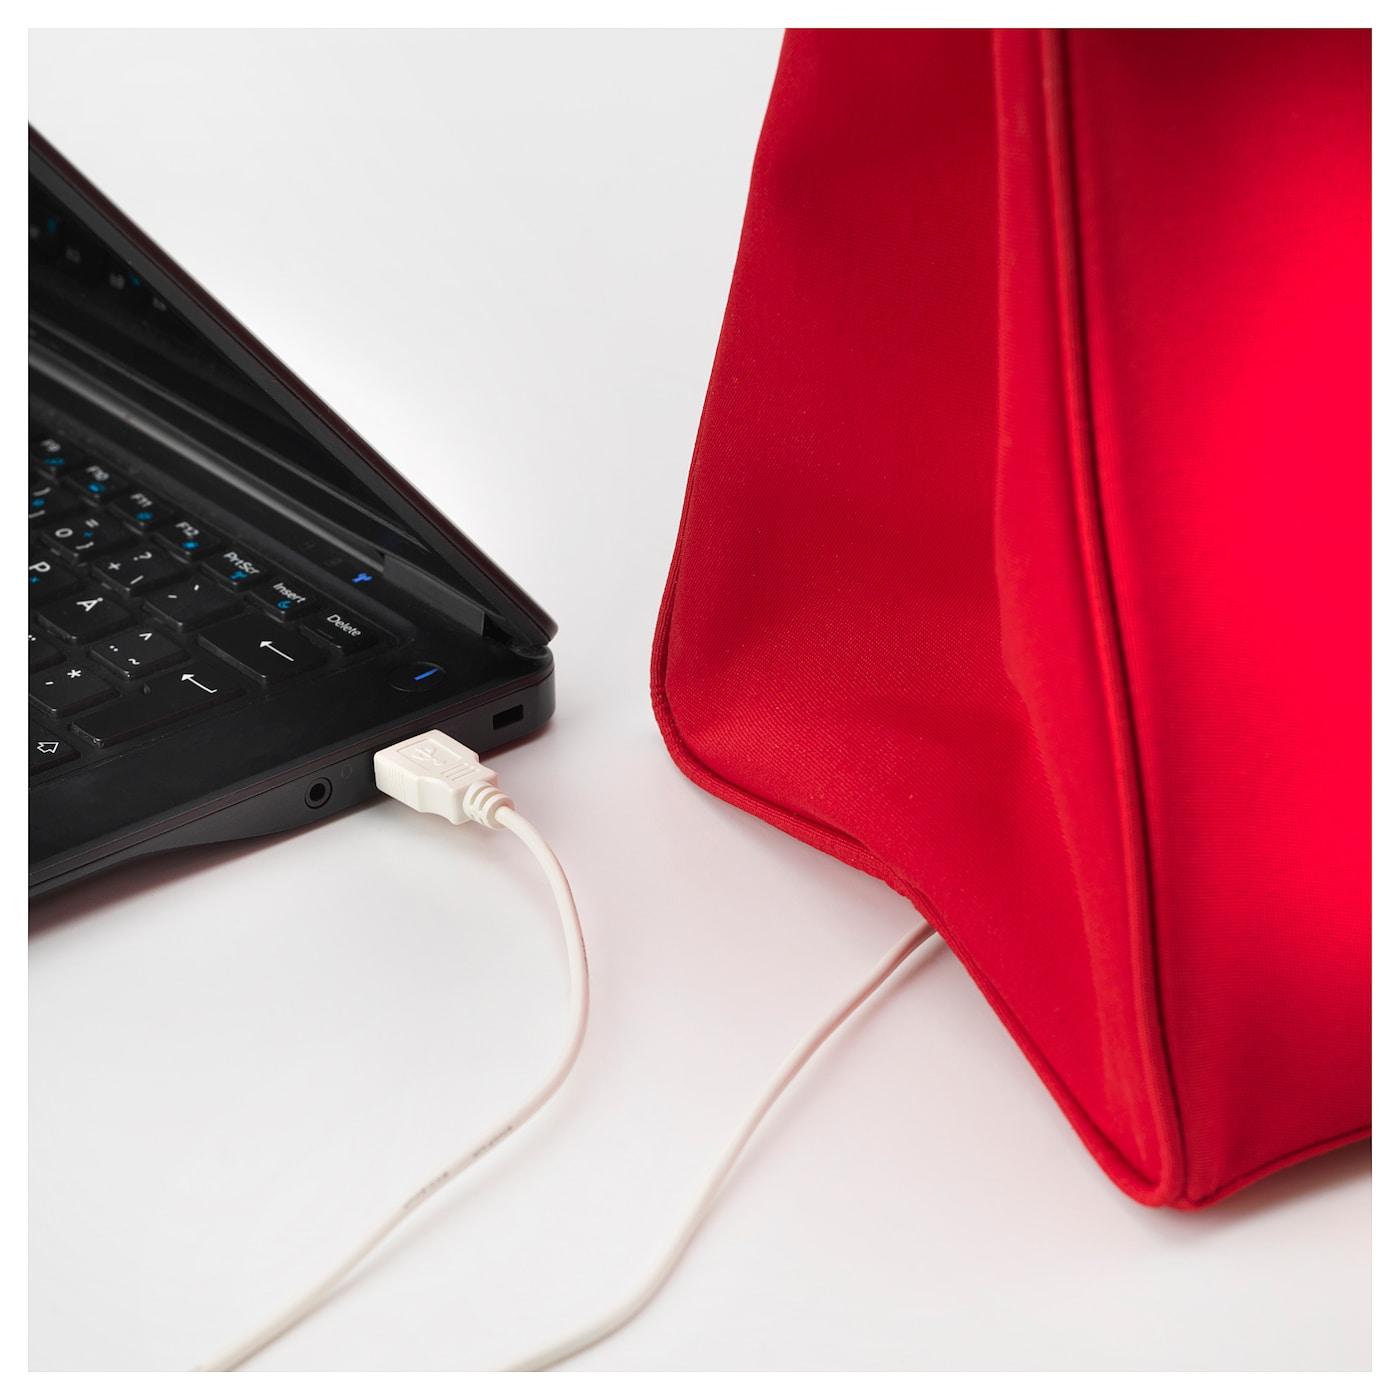 omedelbar clairage led multifonction rouge ikea. Black Bedroom Furniture Sets. Home Design Ideas